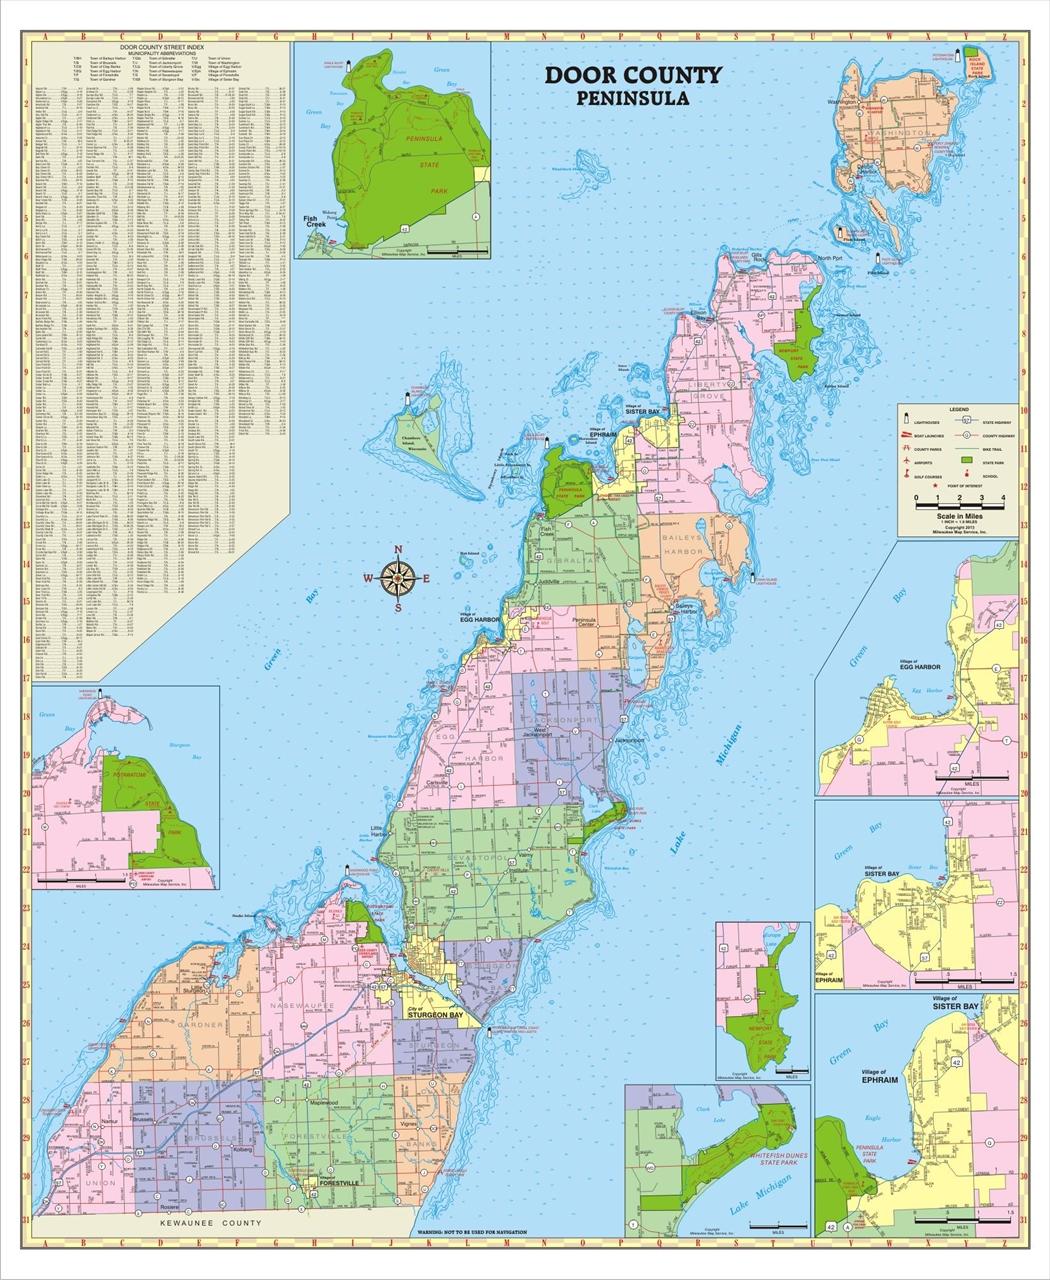 TheMapStore Door County Wisconsin Wall Map  sc 1 st  bnhspine.com & 21 brilliant Door County Wisconsin Map \u2013 bnhspine.com